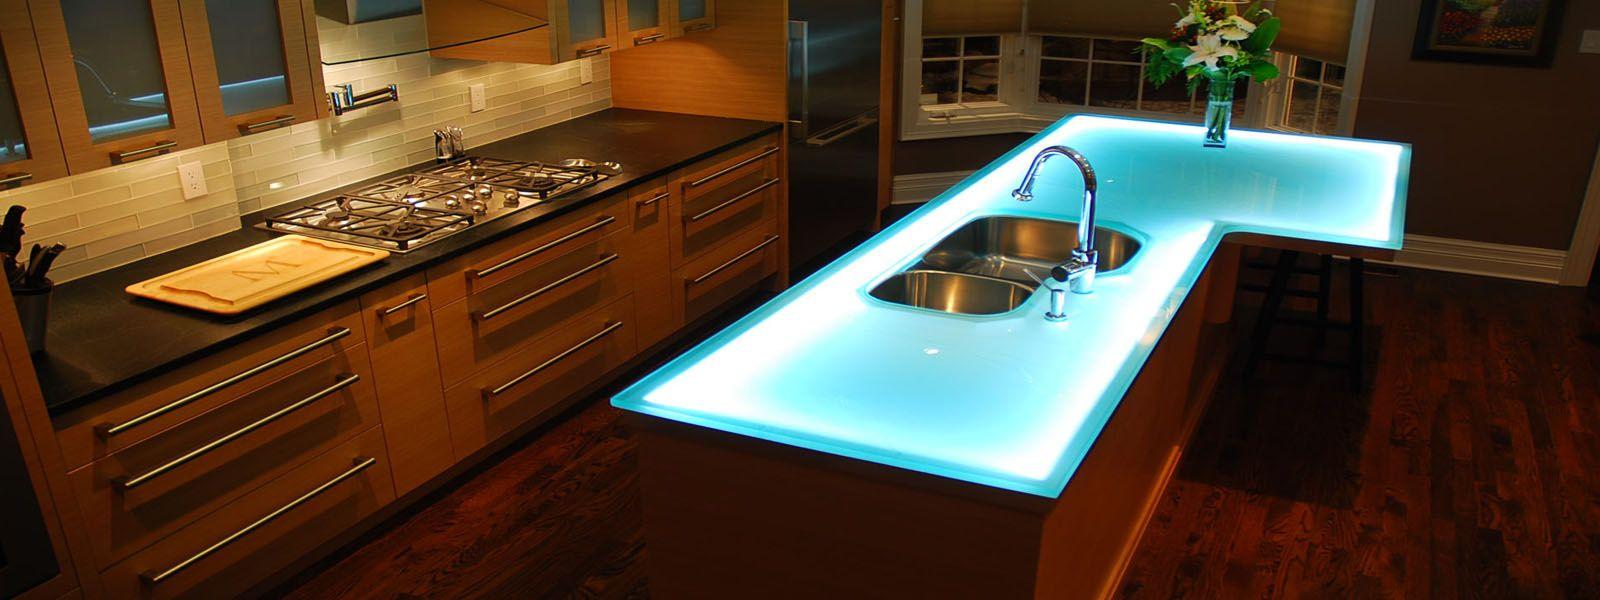 Kuchenarbeitsplatten Aus Keramik Fliesen Designs Fur Kuche Backsplashes Mit Mar Unique Kitchen Countertops Modern Kitchen Countertops Glass Kitchen Countertops